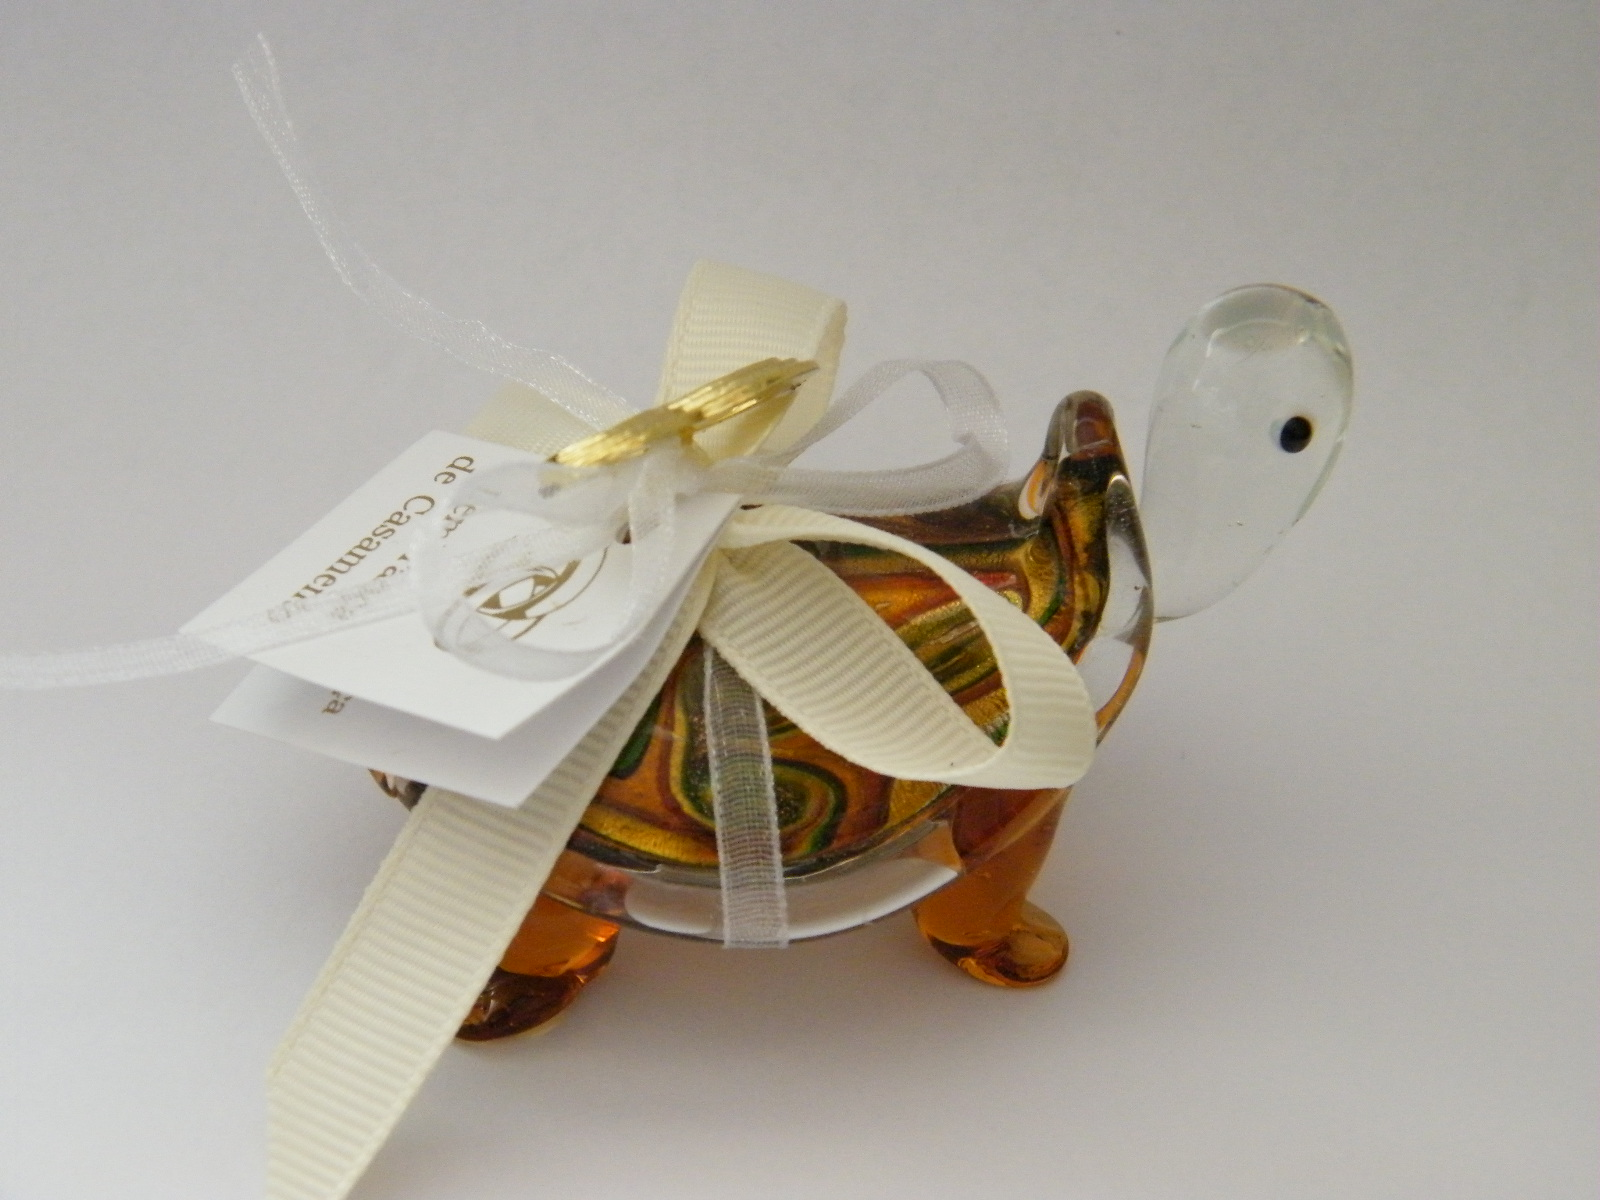 C18005 Tartaruga vidro decorada